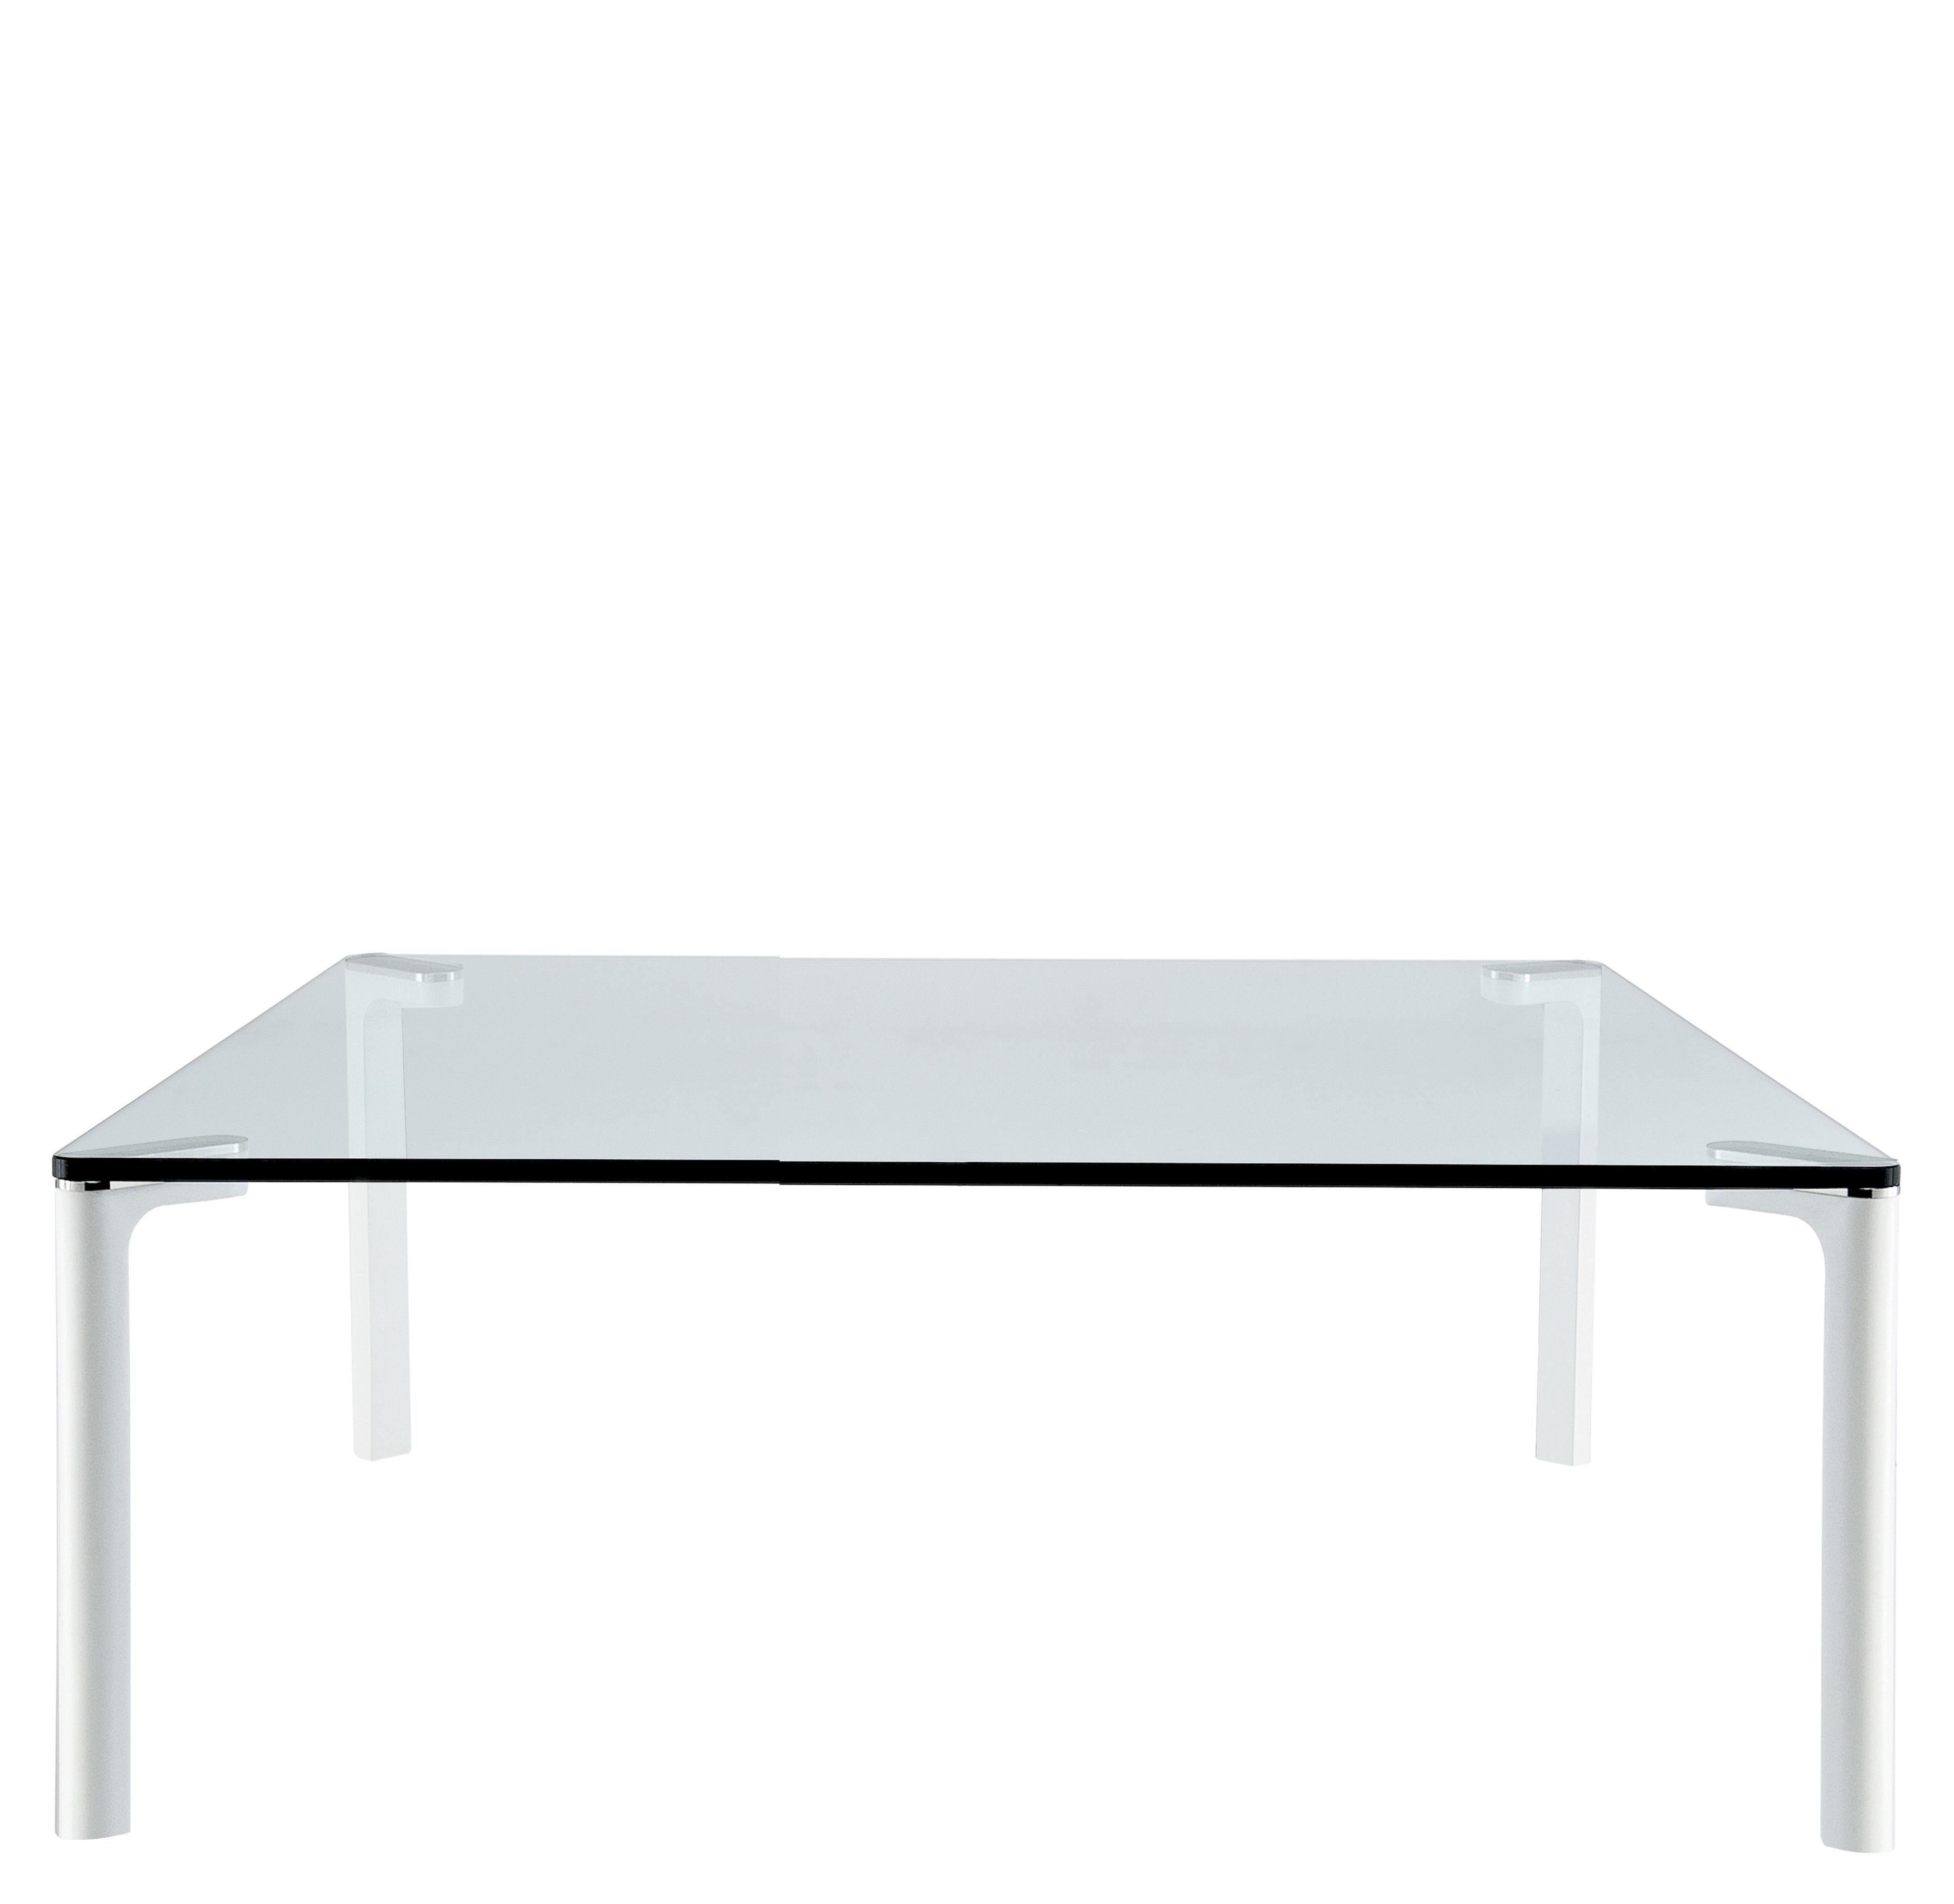 81f37b283e5fce ... Mobilier - Tables basses - Table basse Spillino H 42 cm - 110 x 110 cm